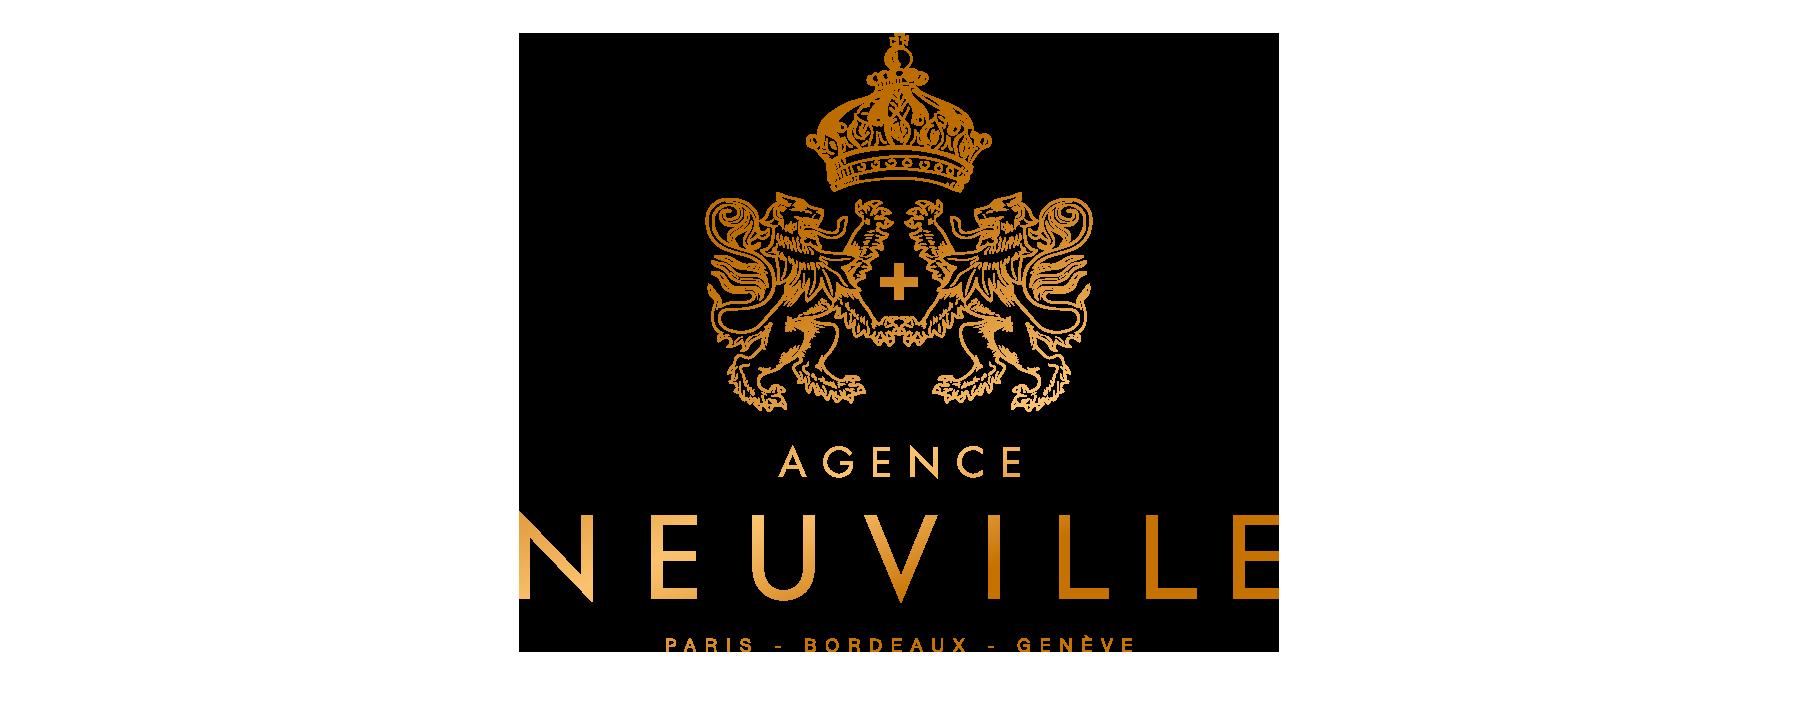 Agence Neuville